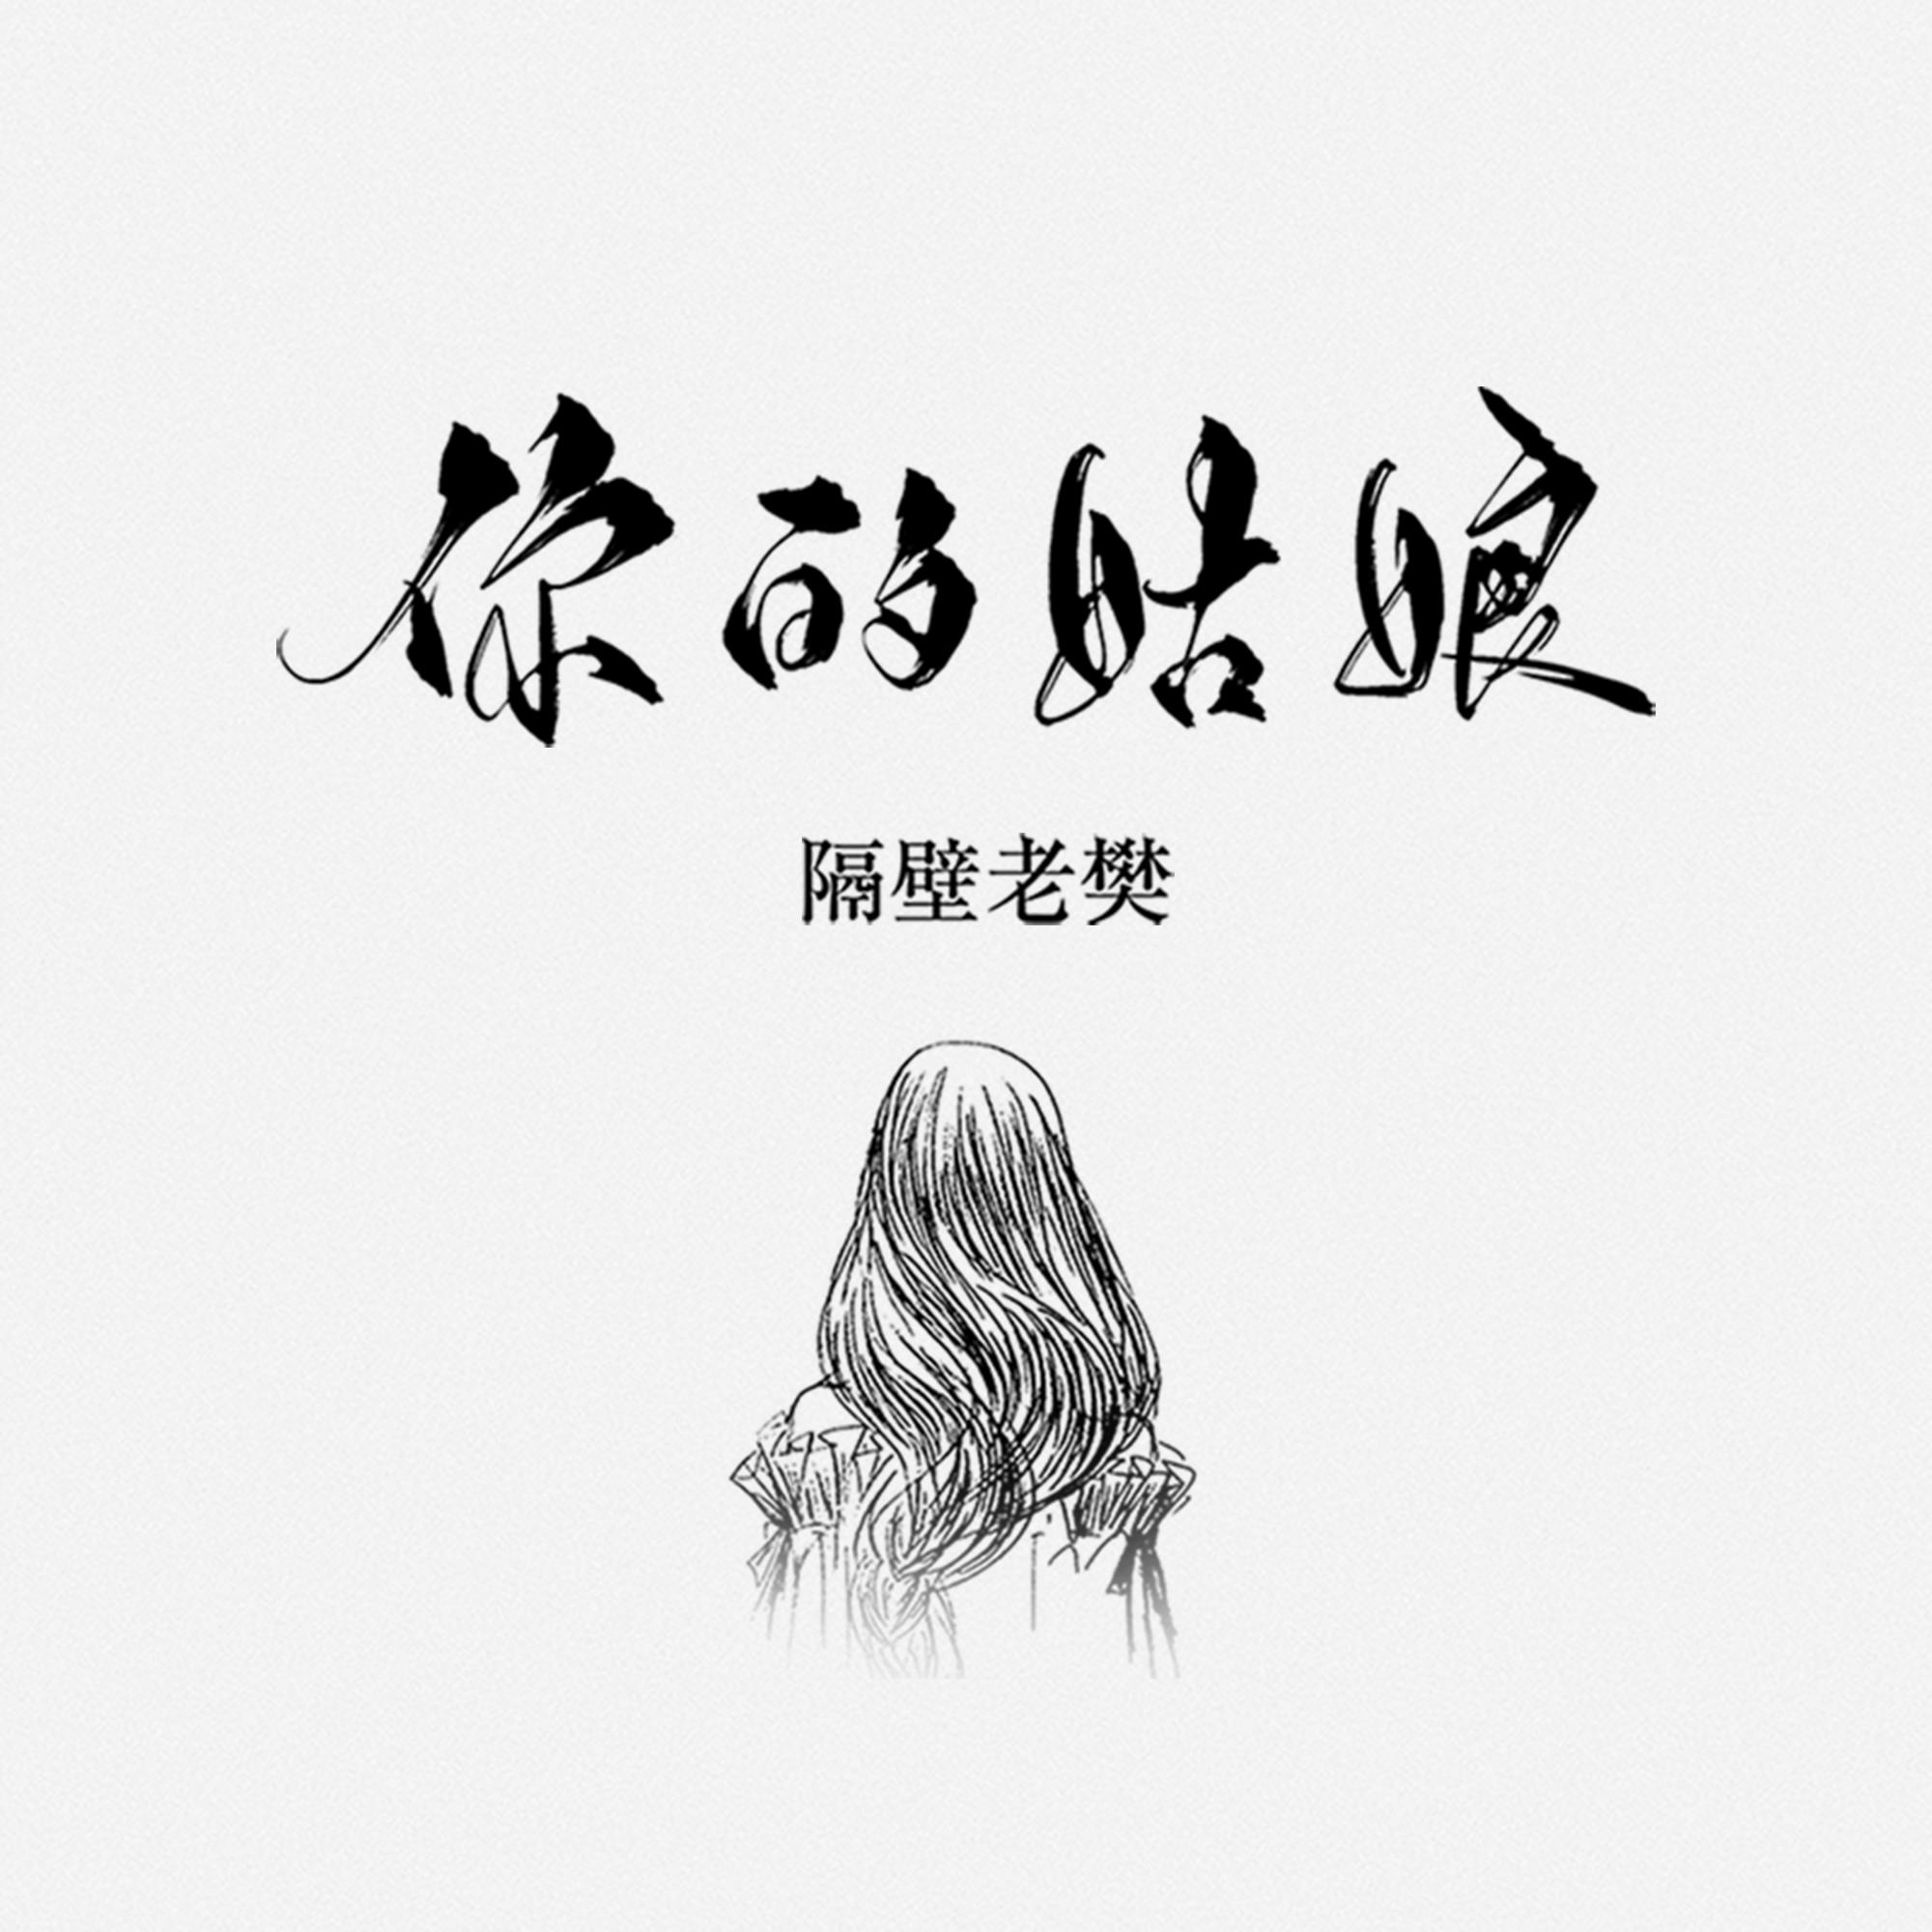 【每日一歌2019.4.05期】隔壁老樊 - 你的姑娘(新歌首发).音乐mp3.百度云网盘下载